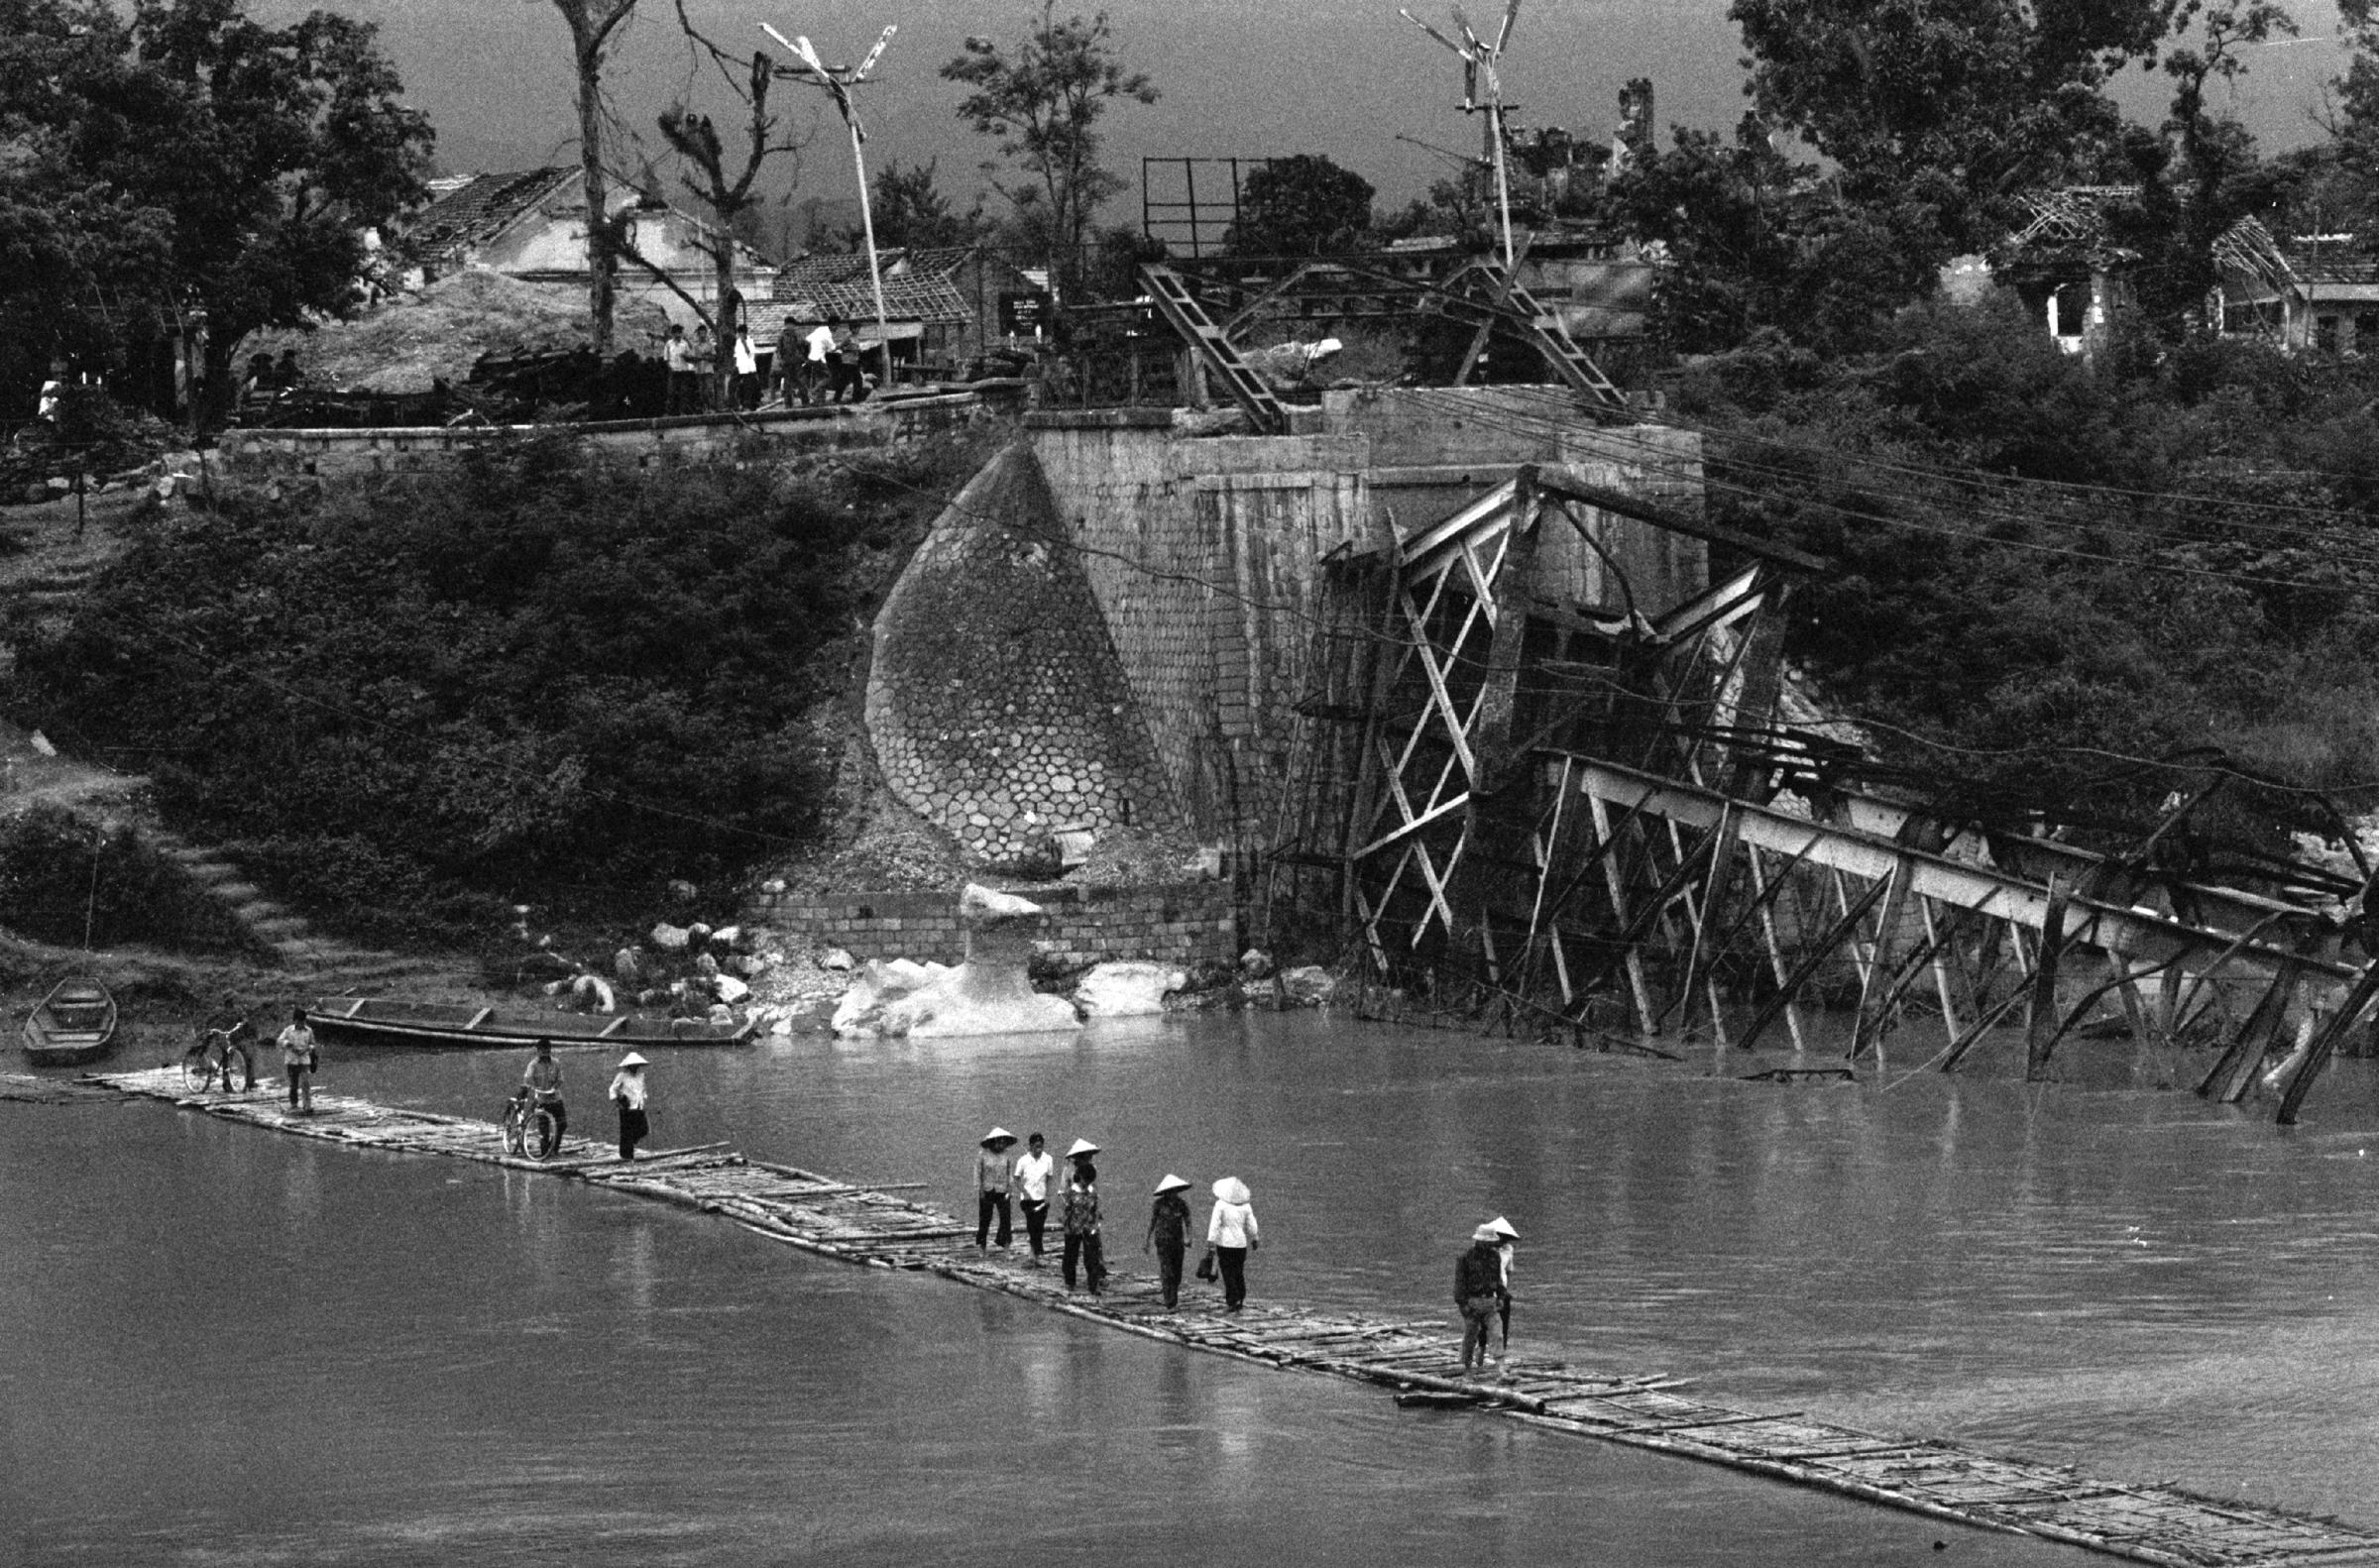 Cuộc chiến tranh biên giới năm 1979 qua góc nhìn một học giả Trung Quốc